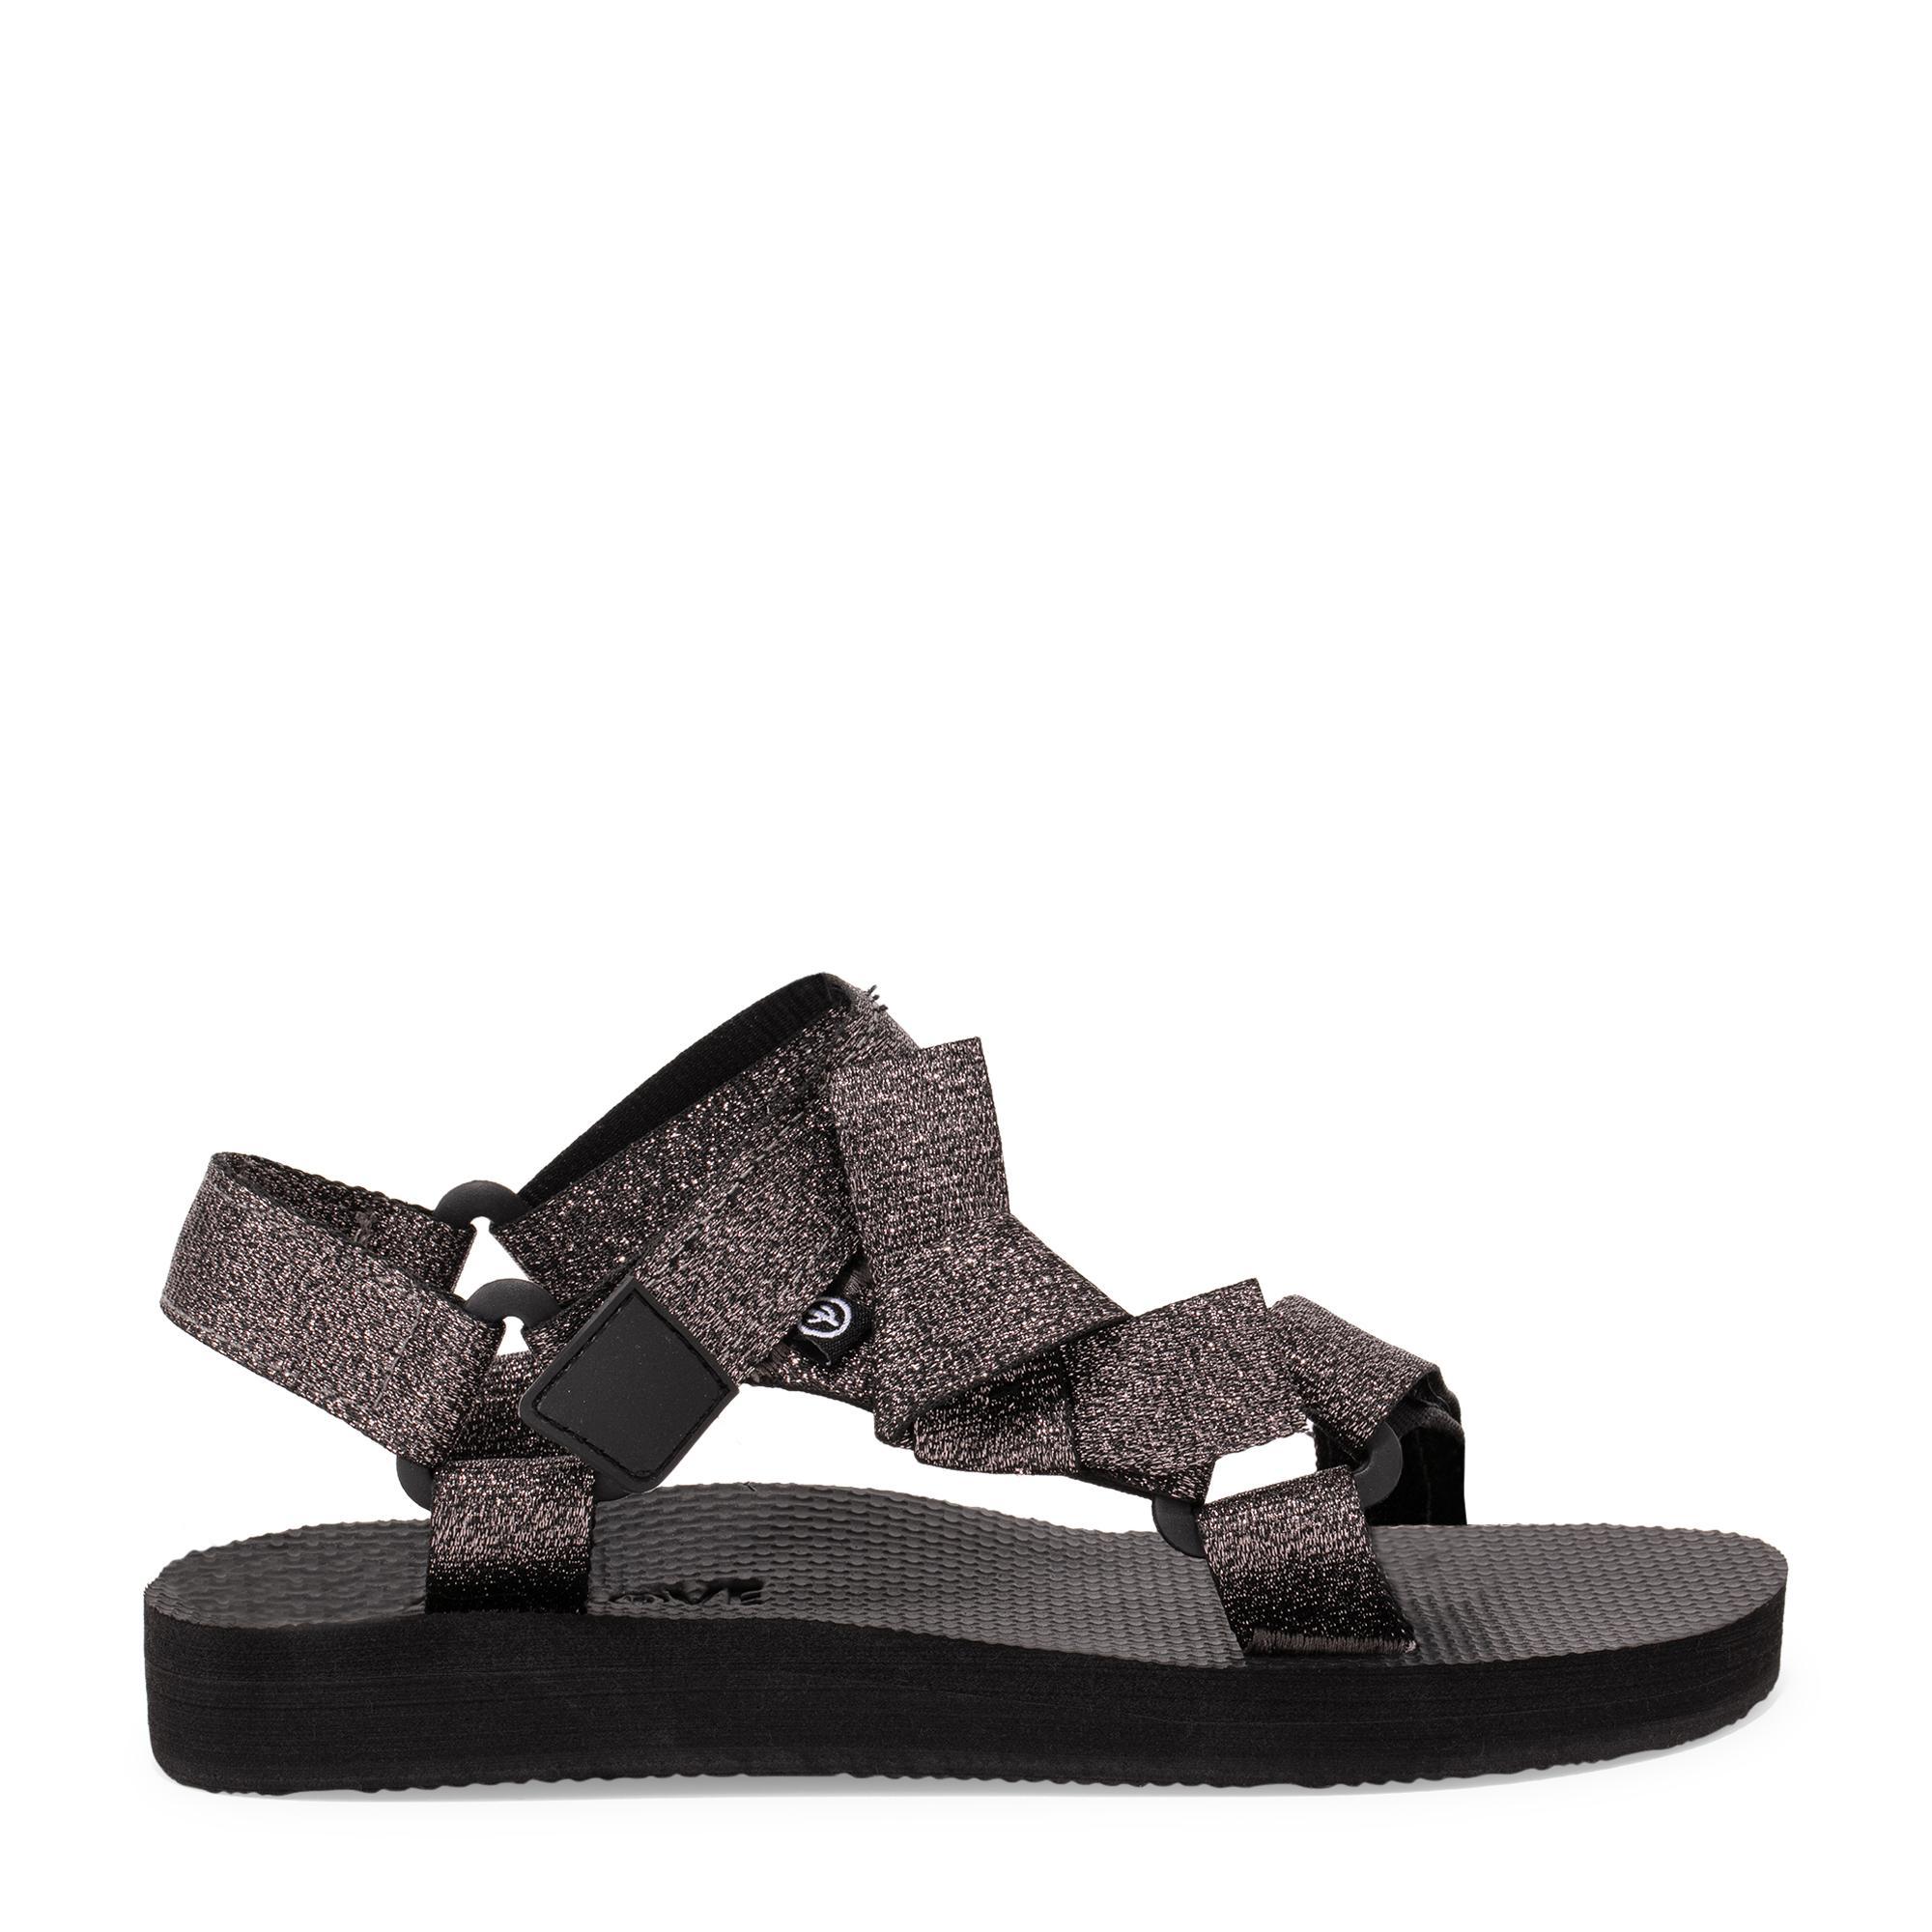 Exclusive Trekky sandals